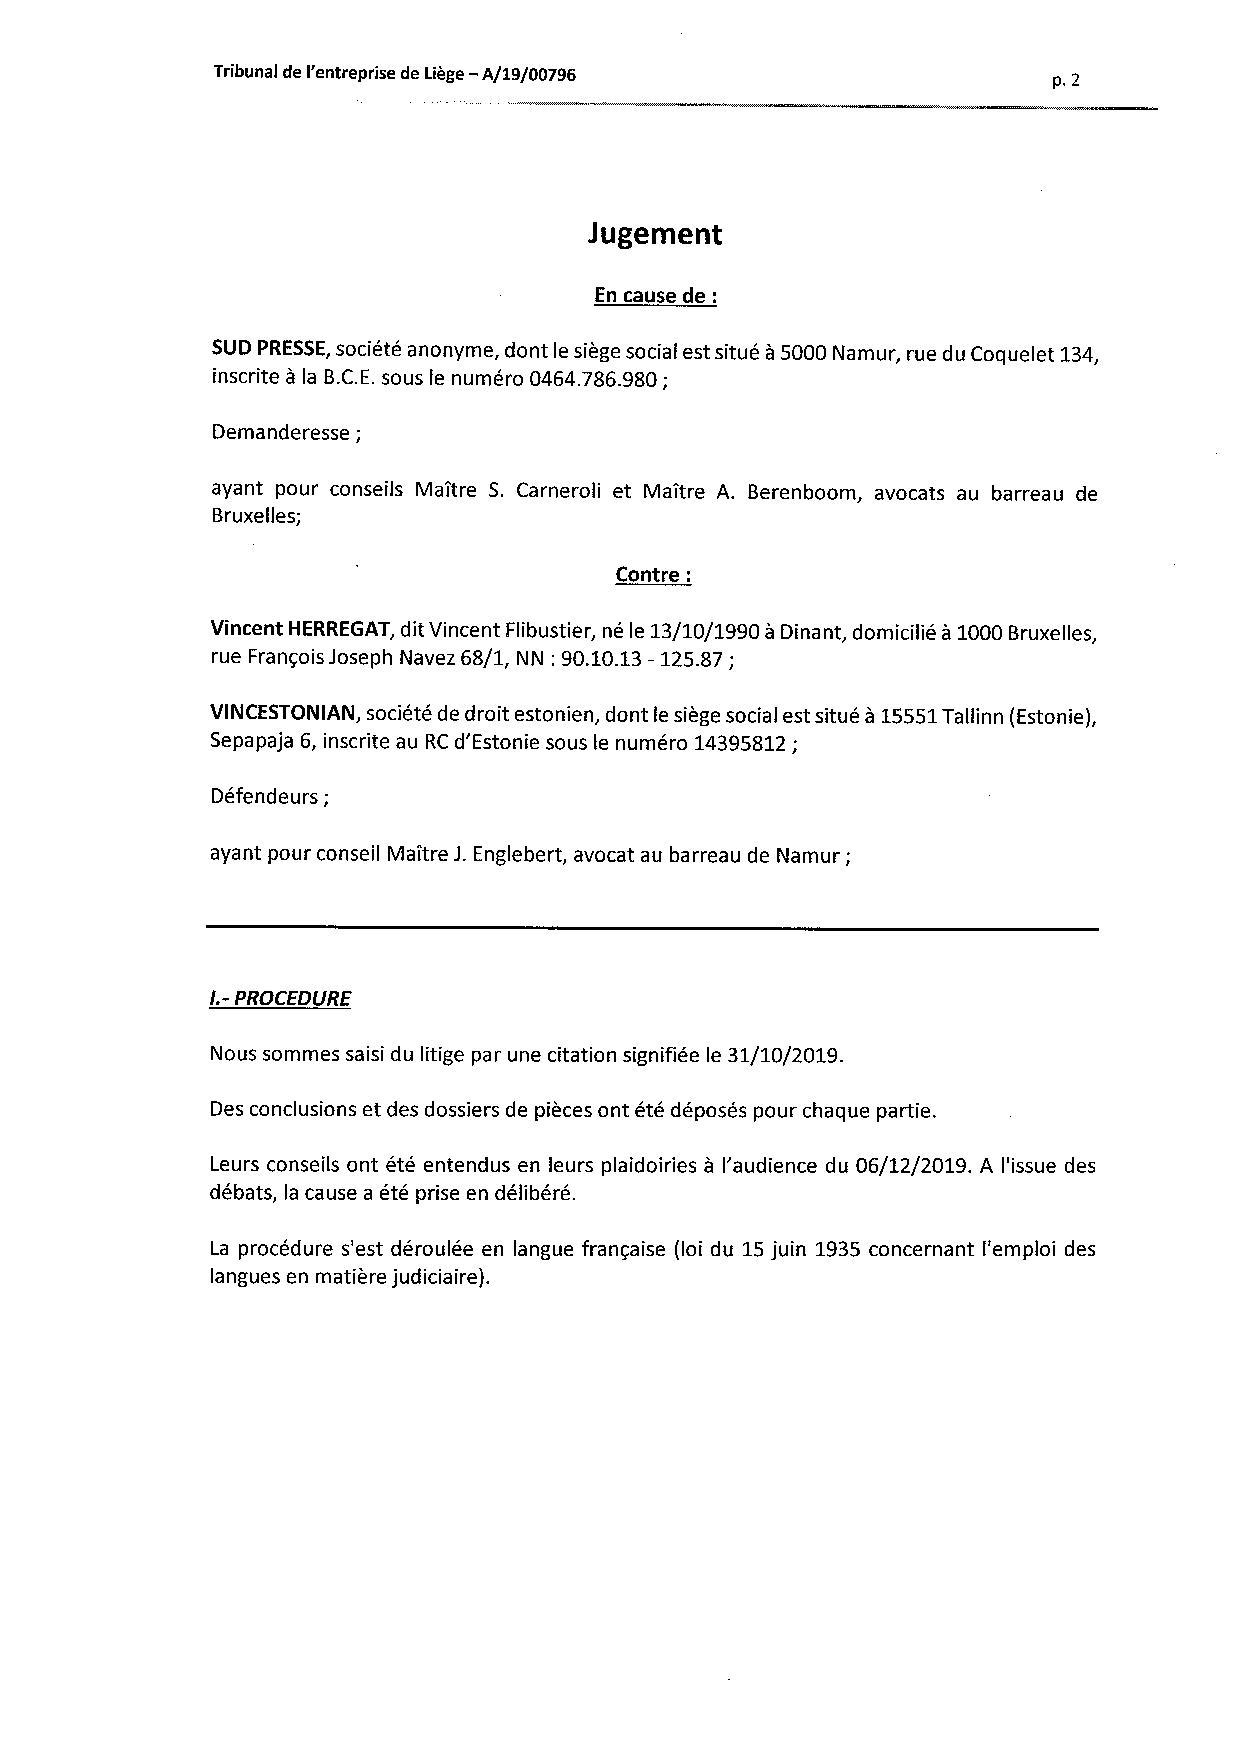 2020 01 10 SUD PRESSE c HERREGAT V et VINCESTONIAN SDE PLC (A-19-00796) aud 6-12-2019-page-002